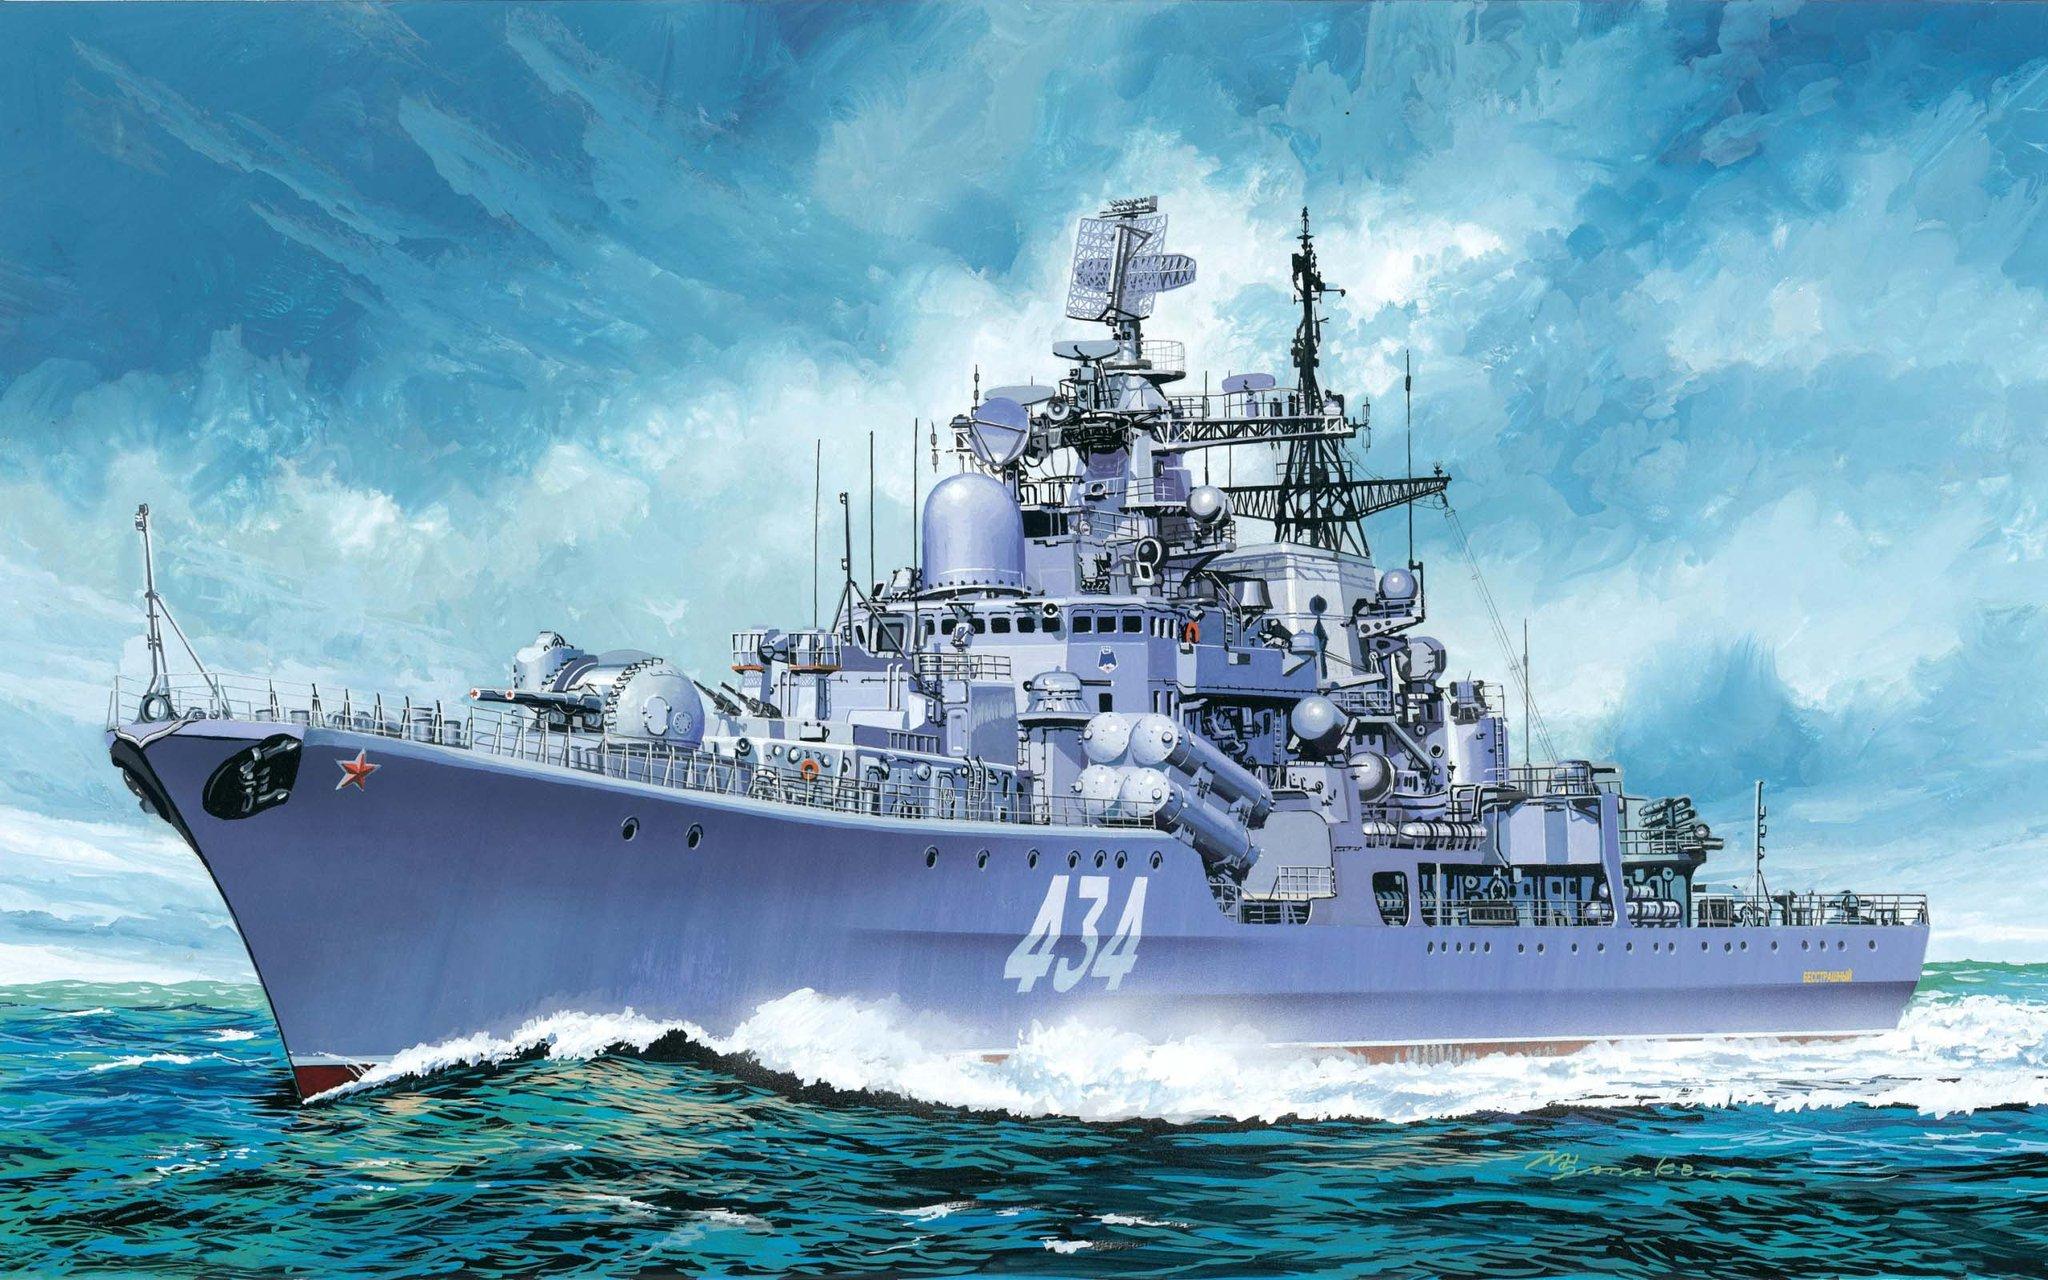 Картинки боевых кораблей россии